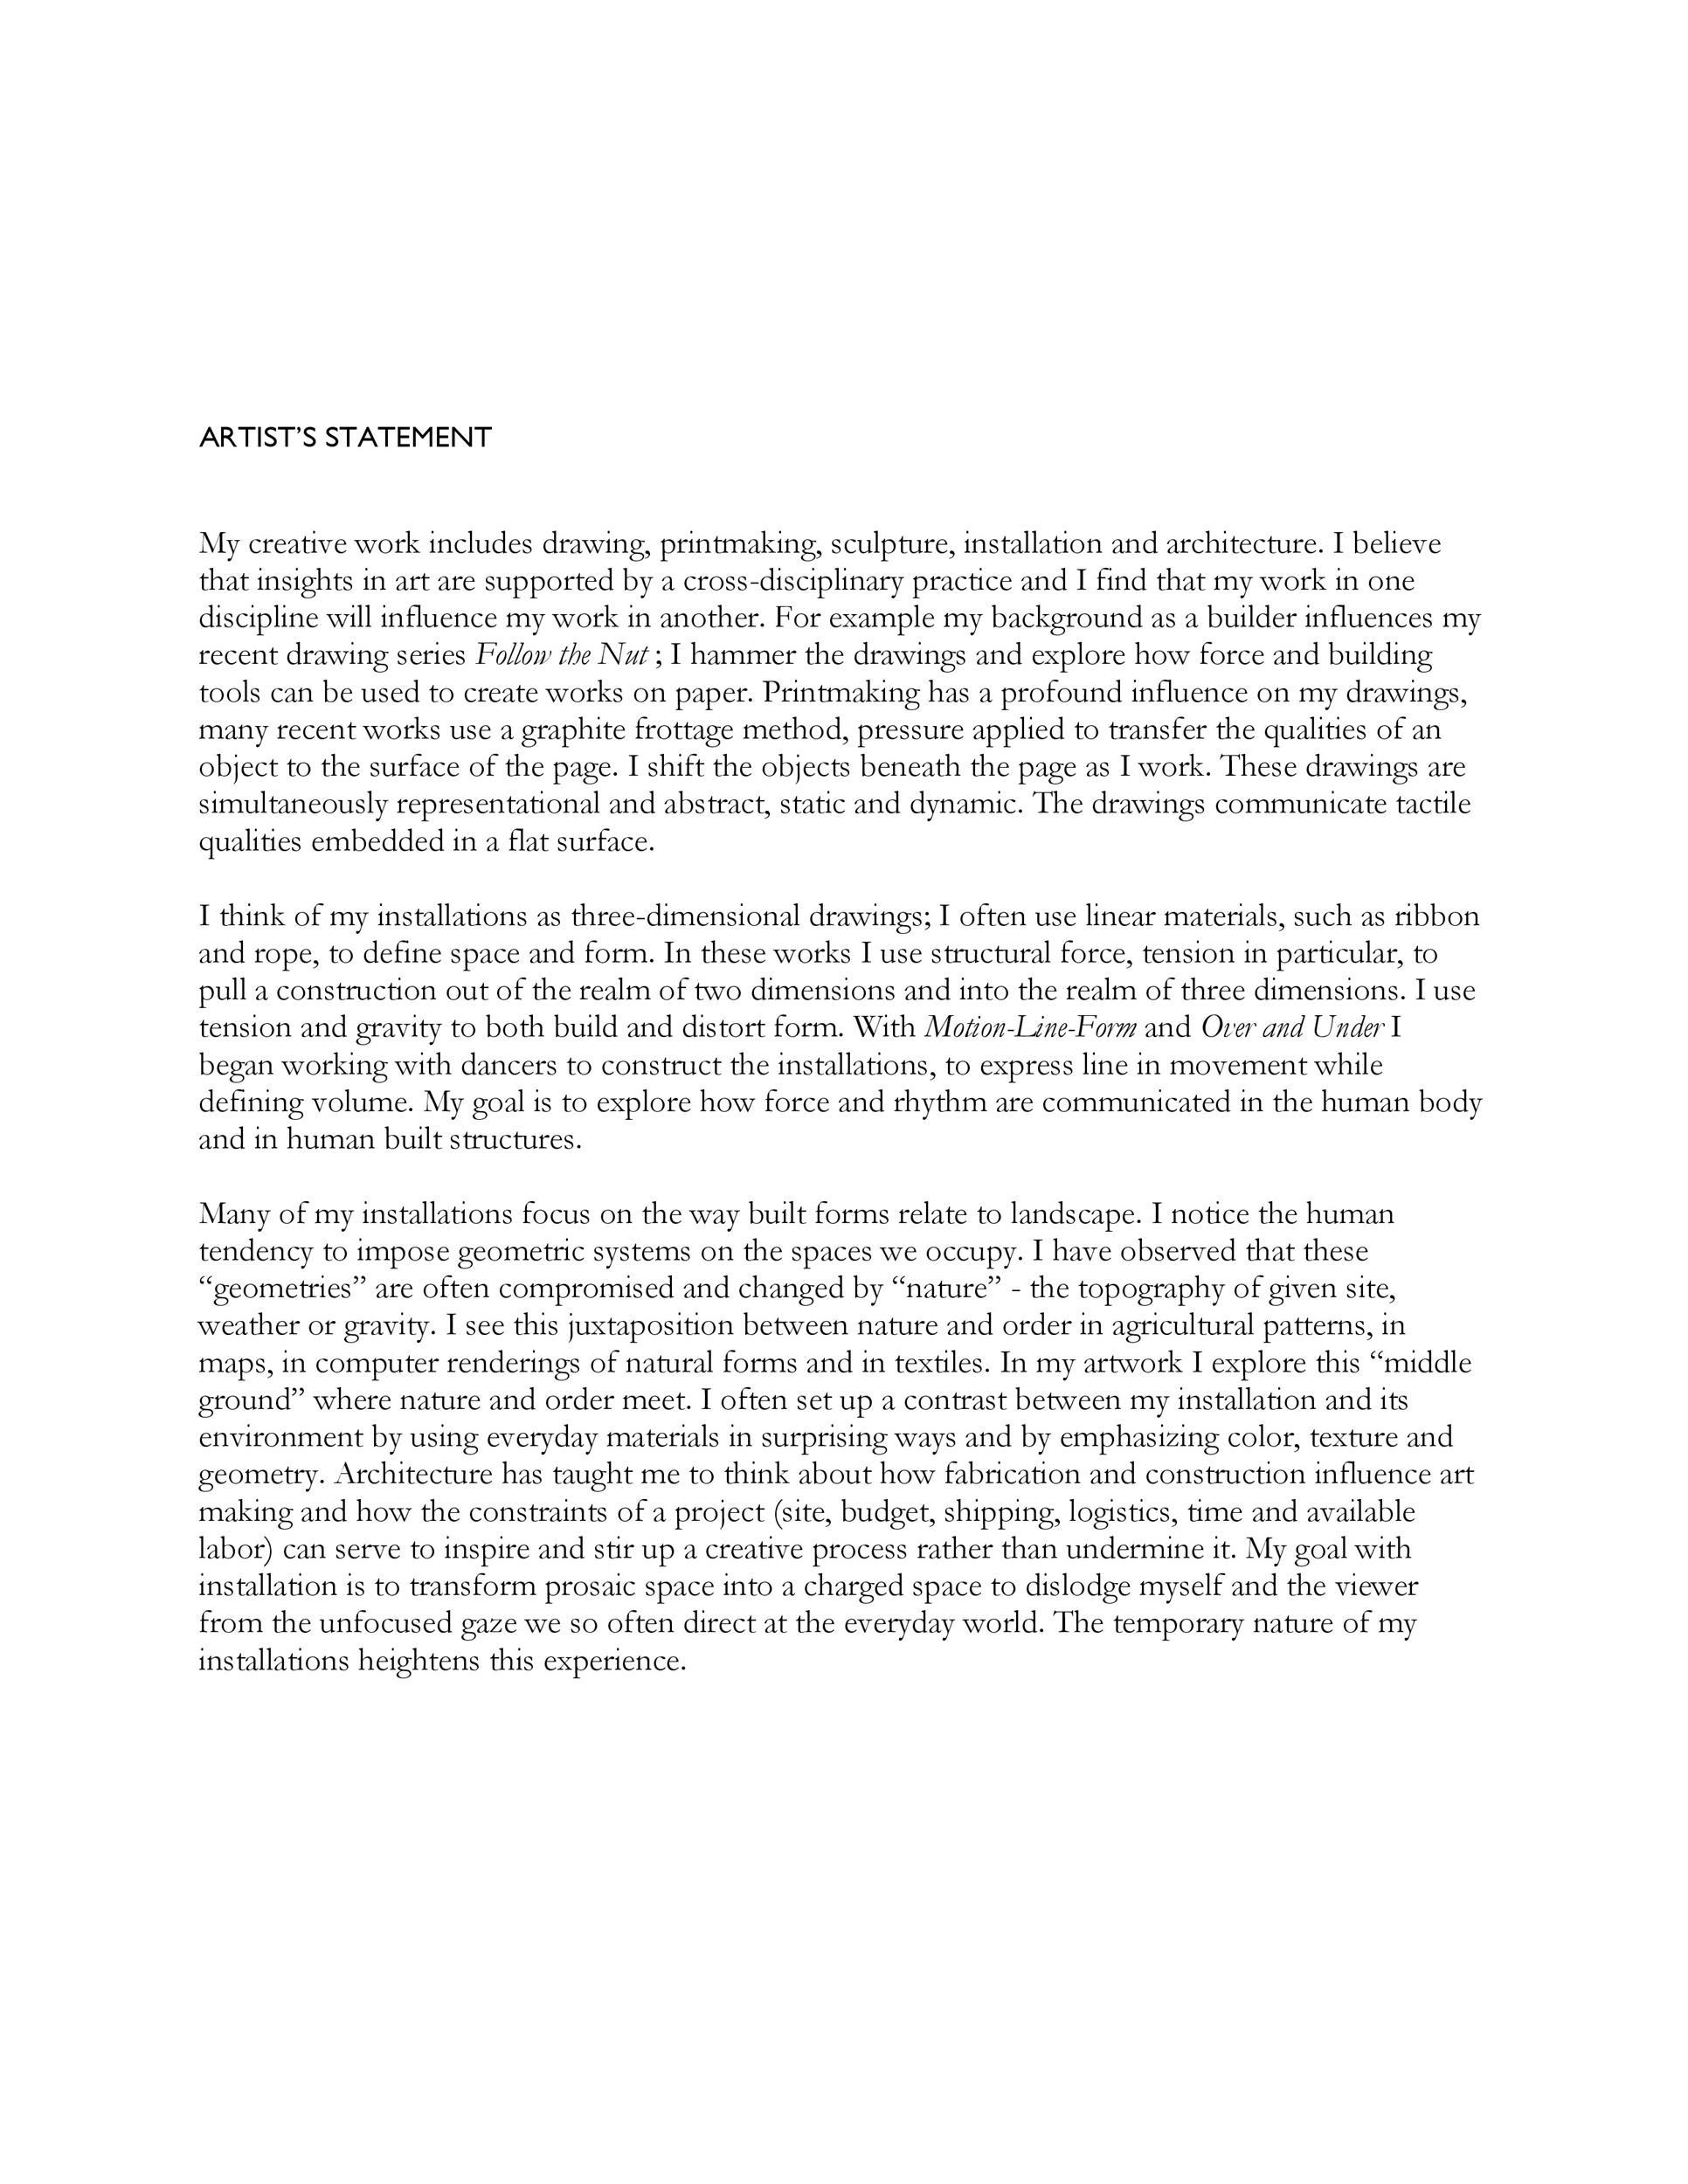 Free artist statement 11